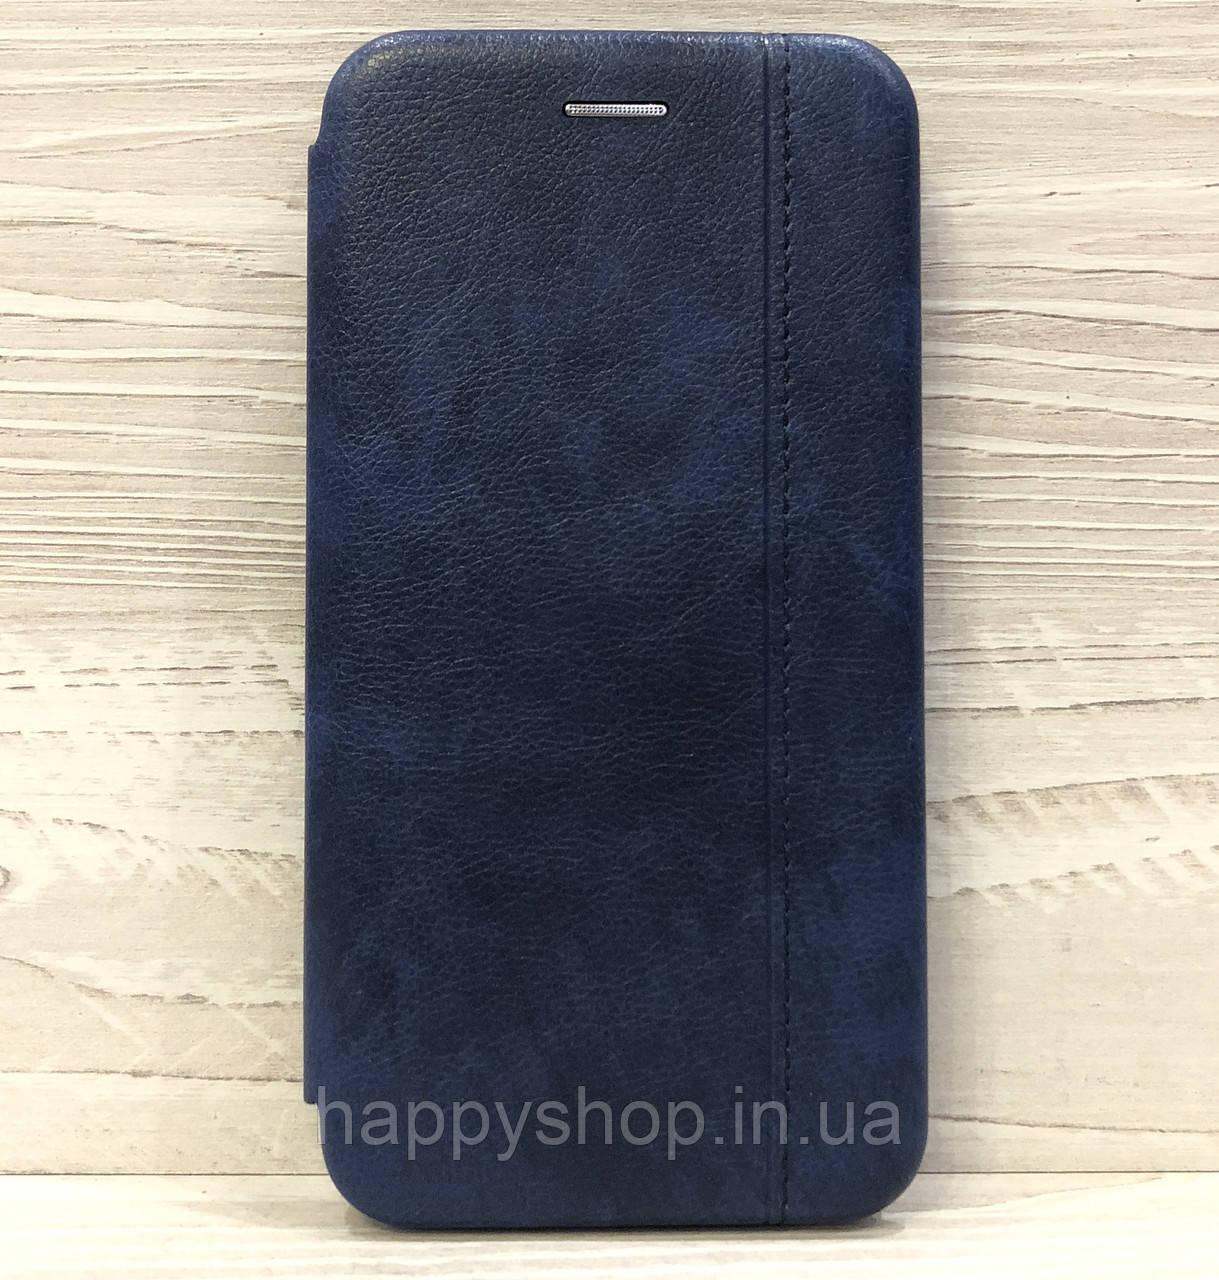 Чехол-книжка Gelius Leather для Xiaomi Mi Play (Синий)